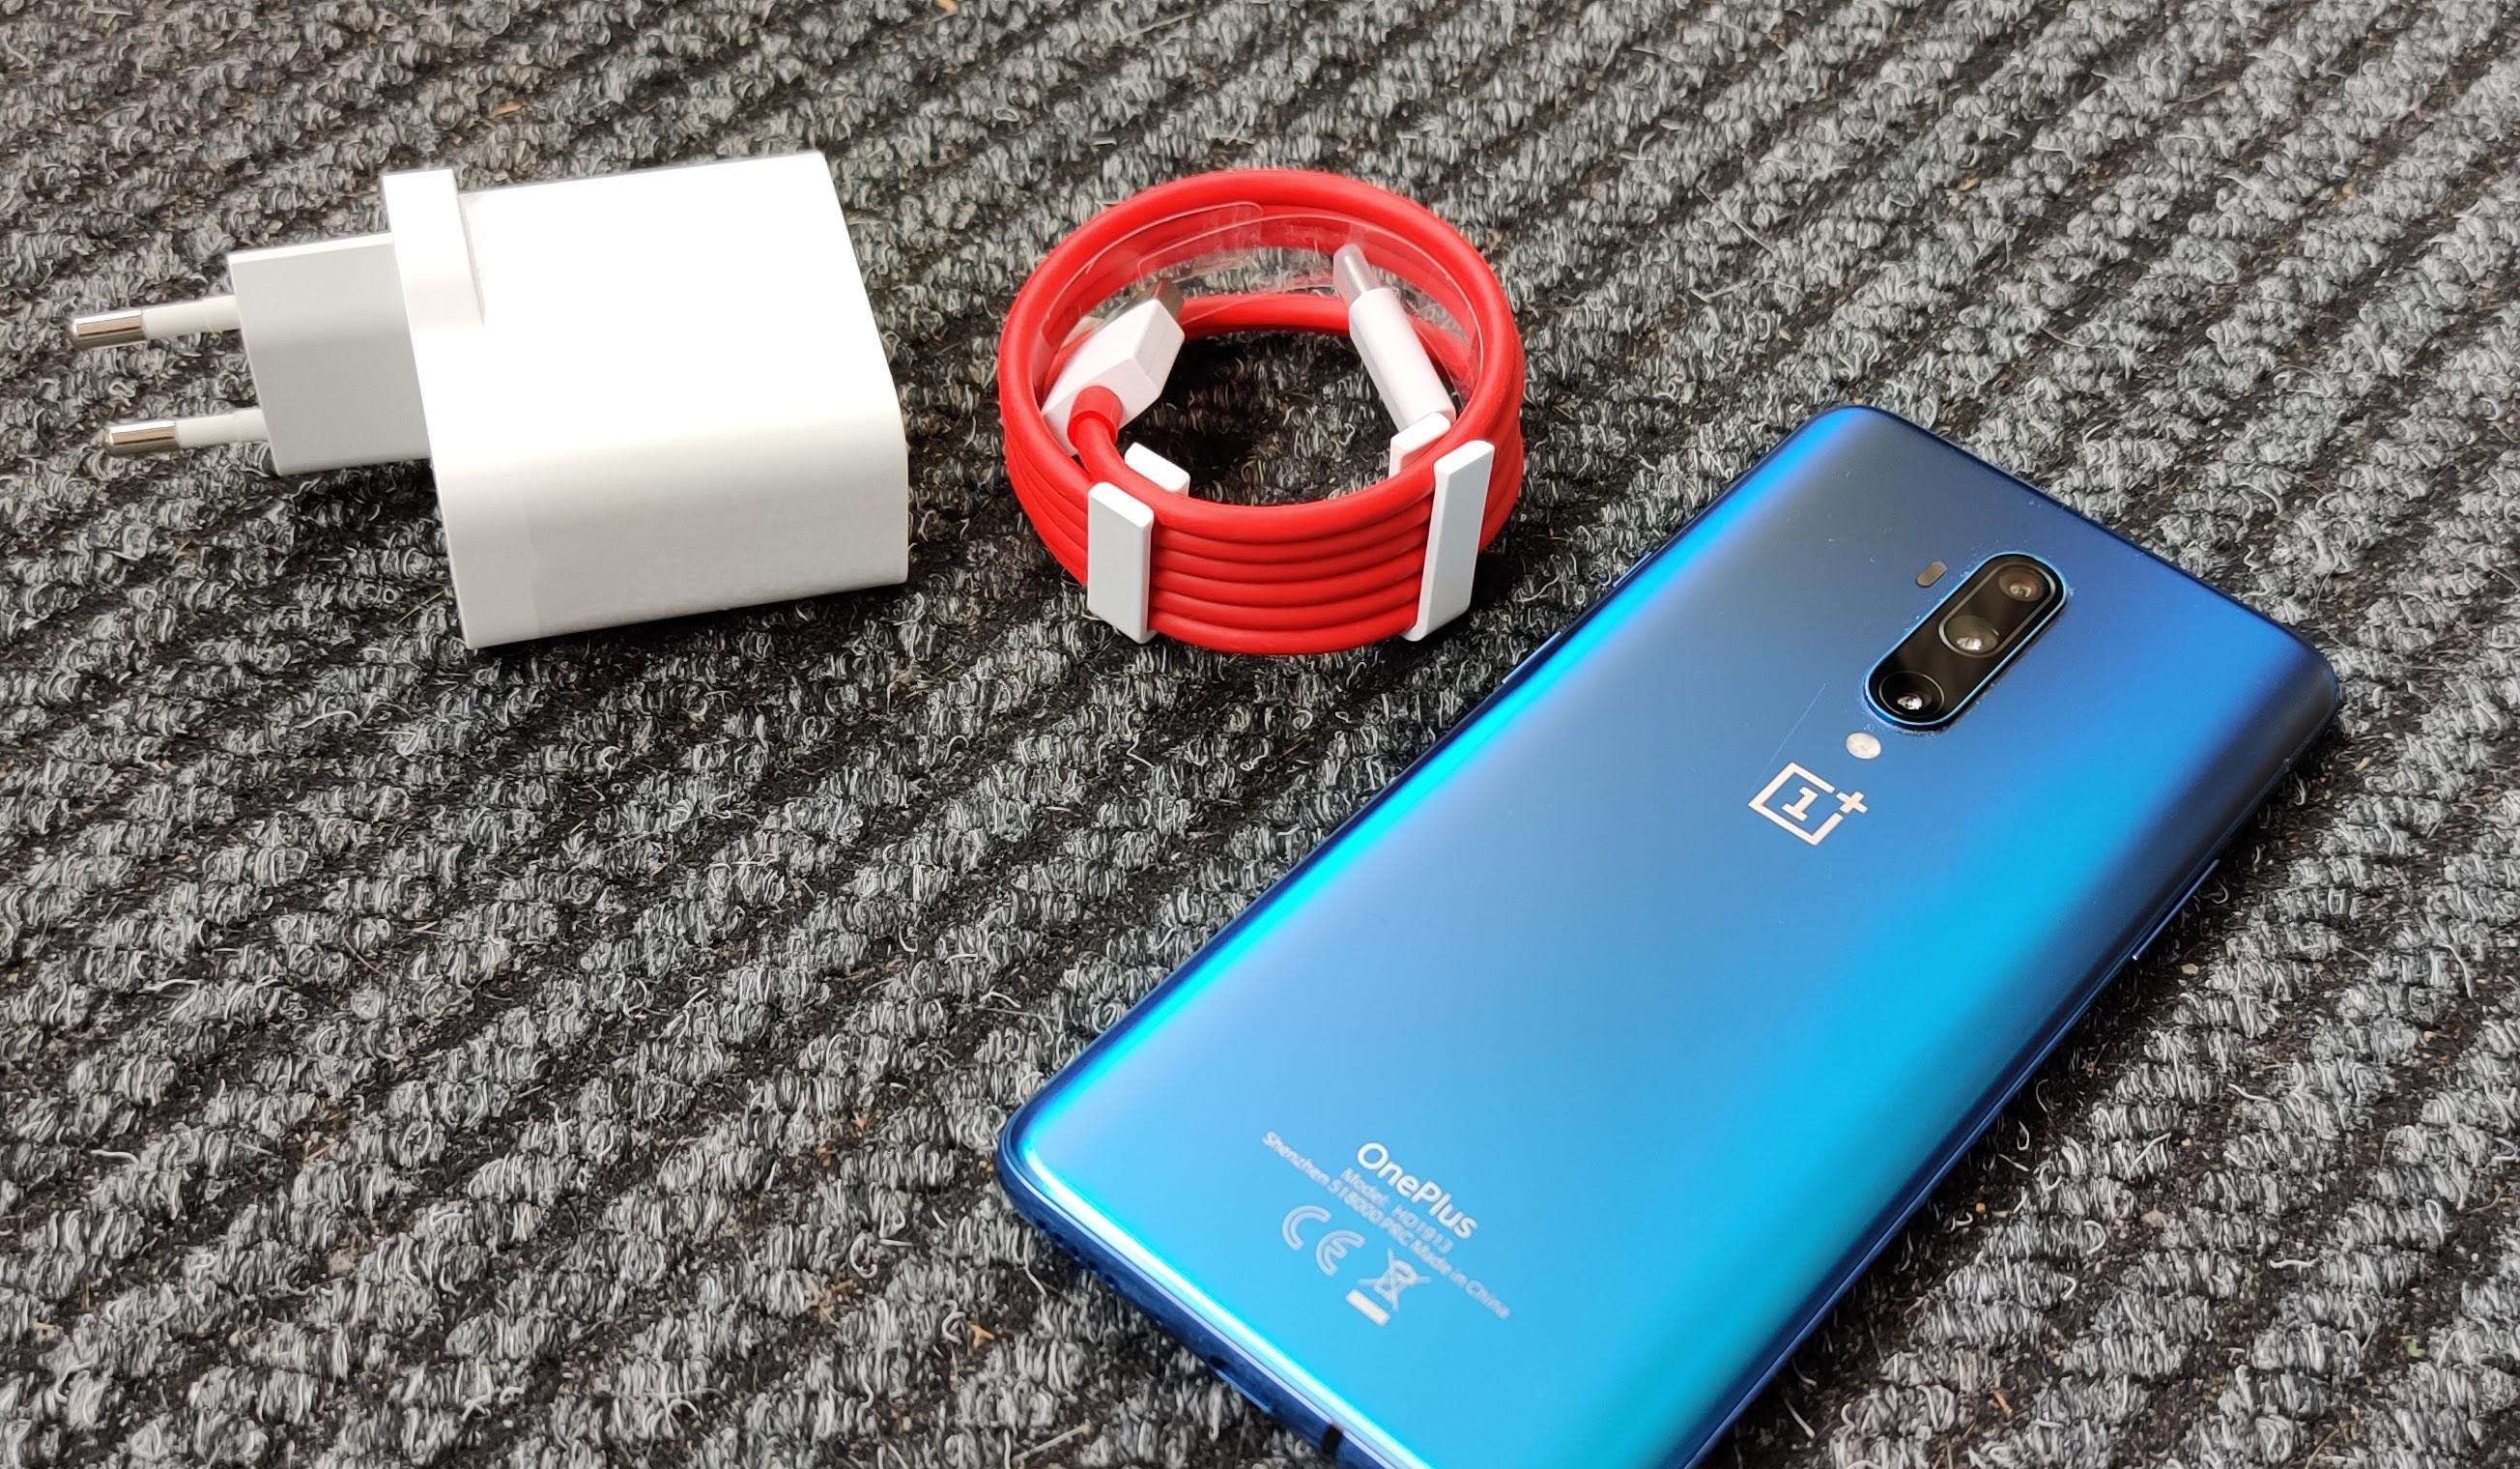 OnePlussan puhelimet sisältävät tehokkaan laturin